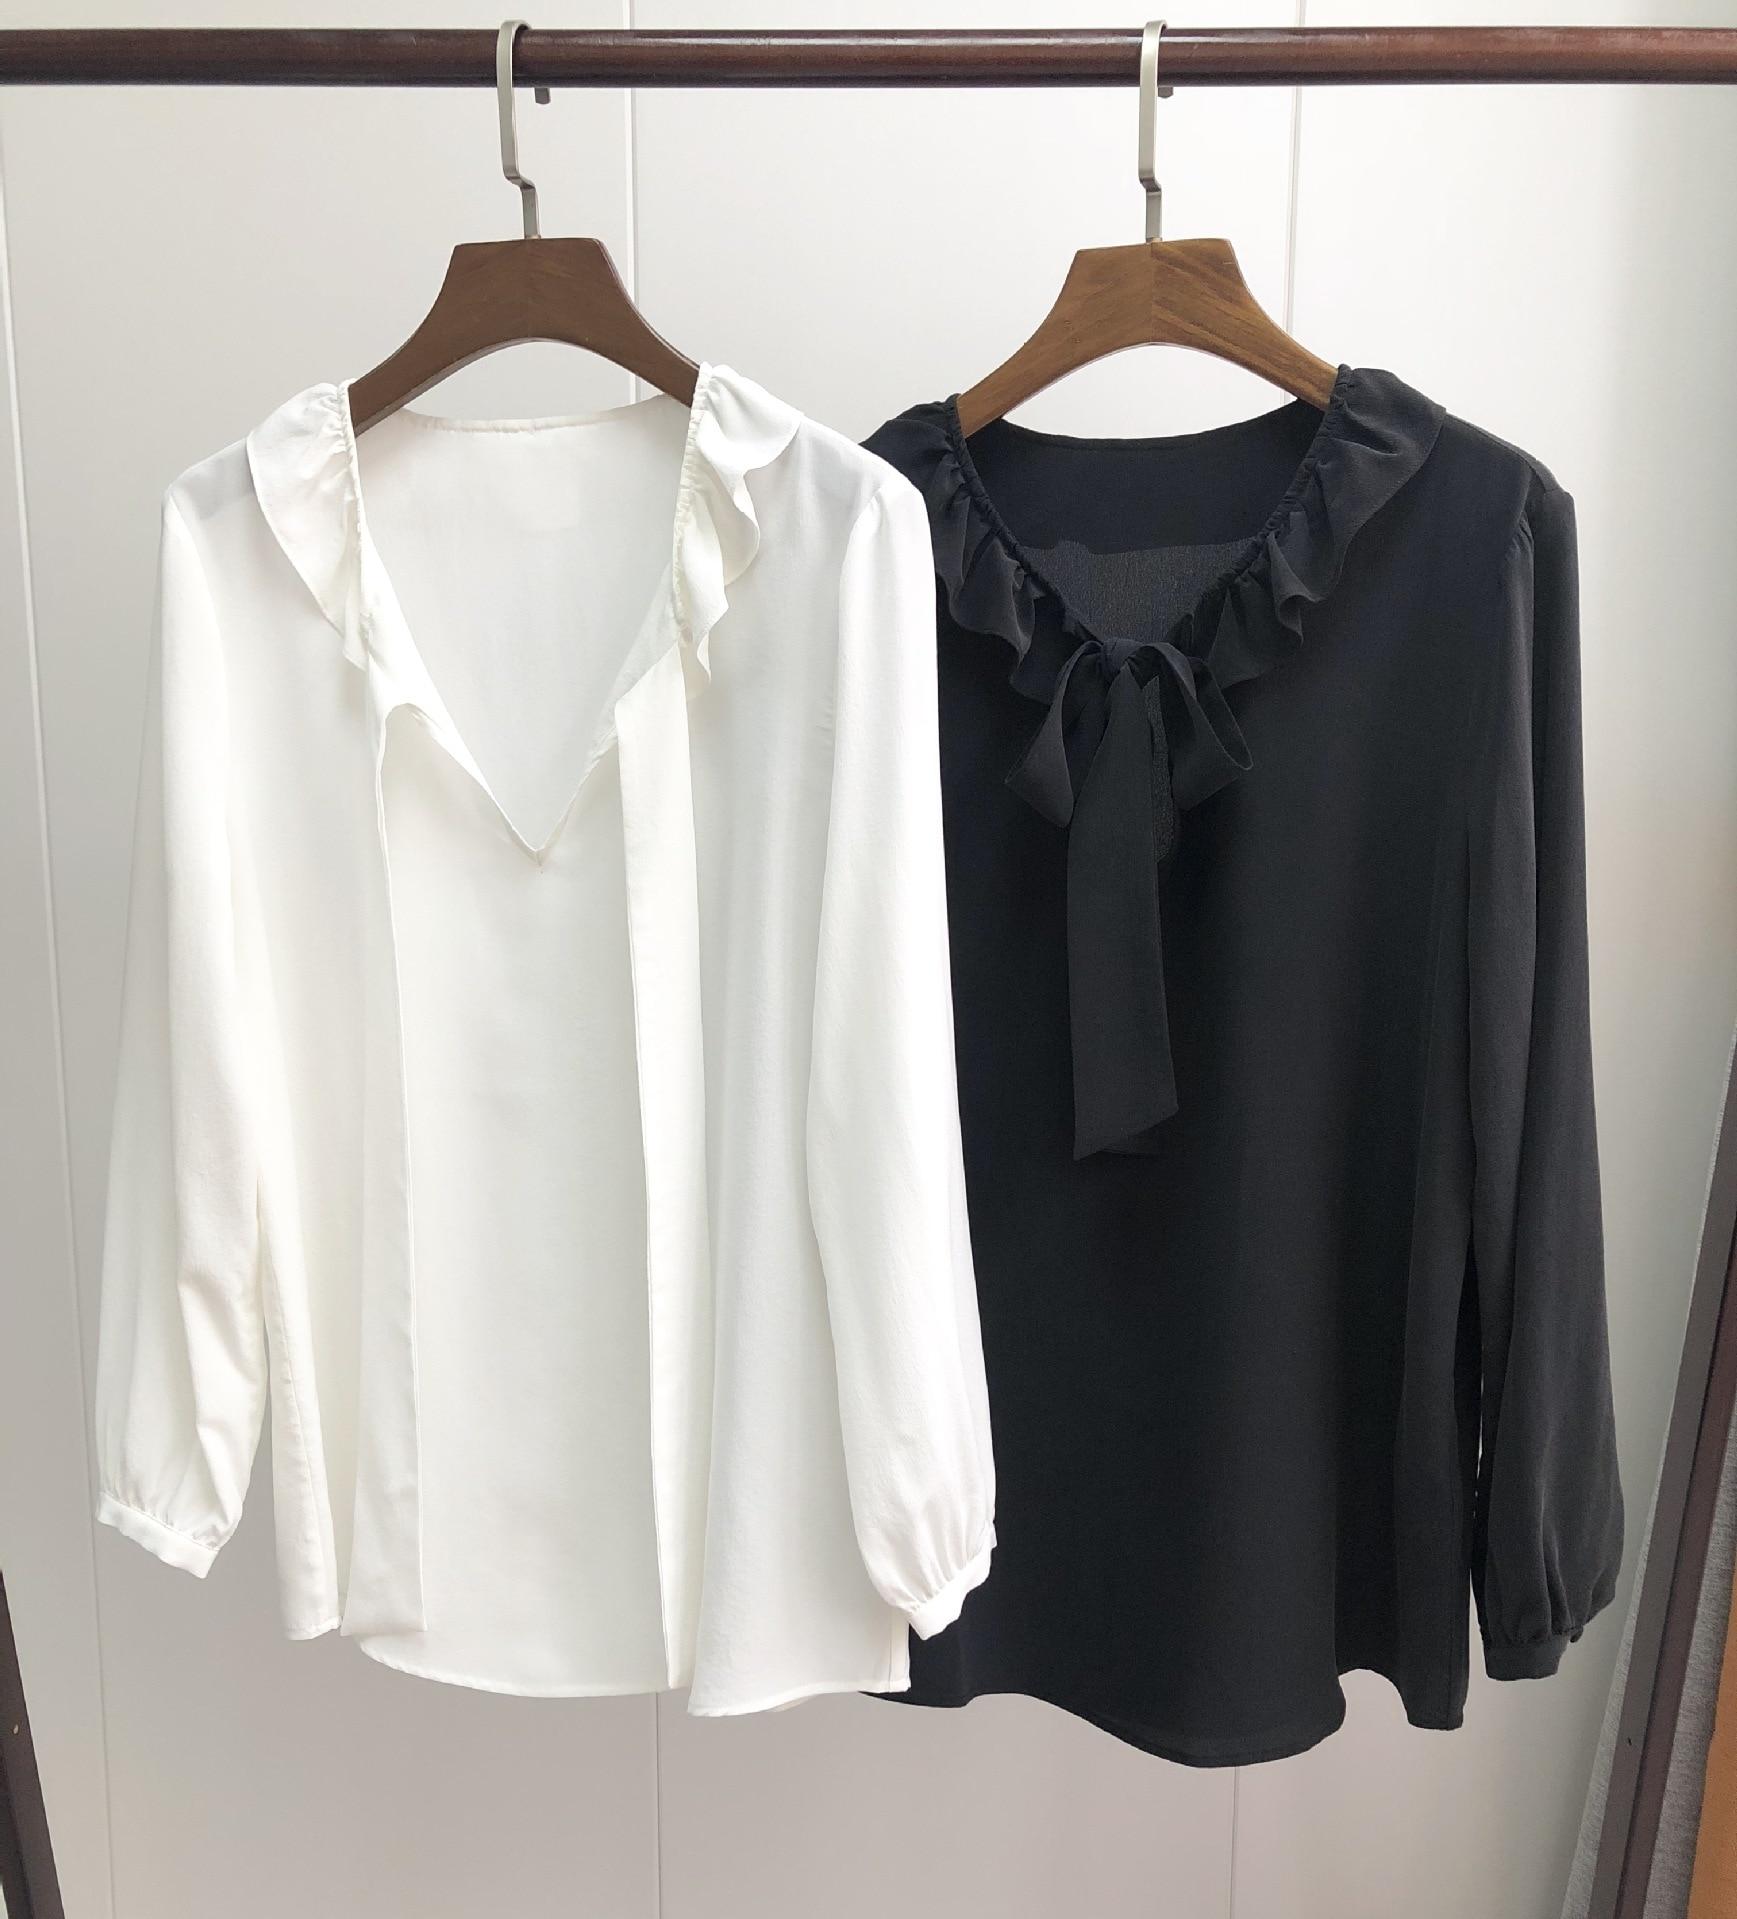 النساء قمصان الدانتيل متابعة تكدرت قميص حريري 2019 أوائل الربيع قميص بلوزة للسيدات-في بلوزات وقمصان من ملابس نسائية على  مجموعة 1